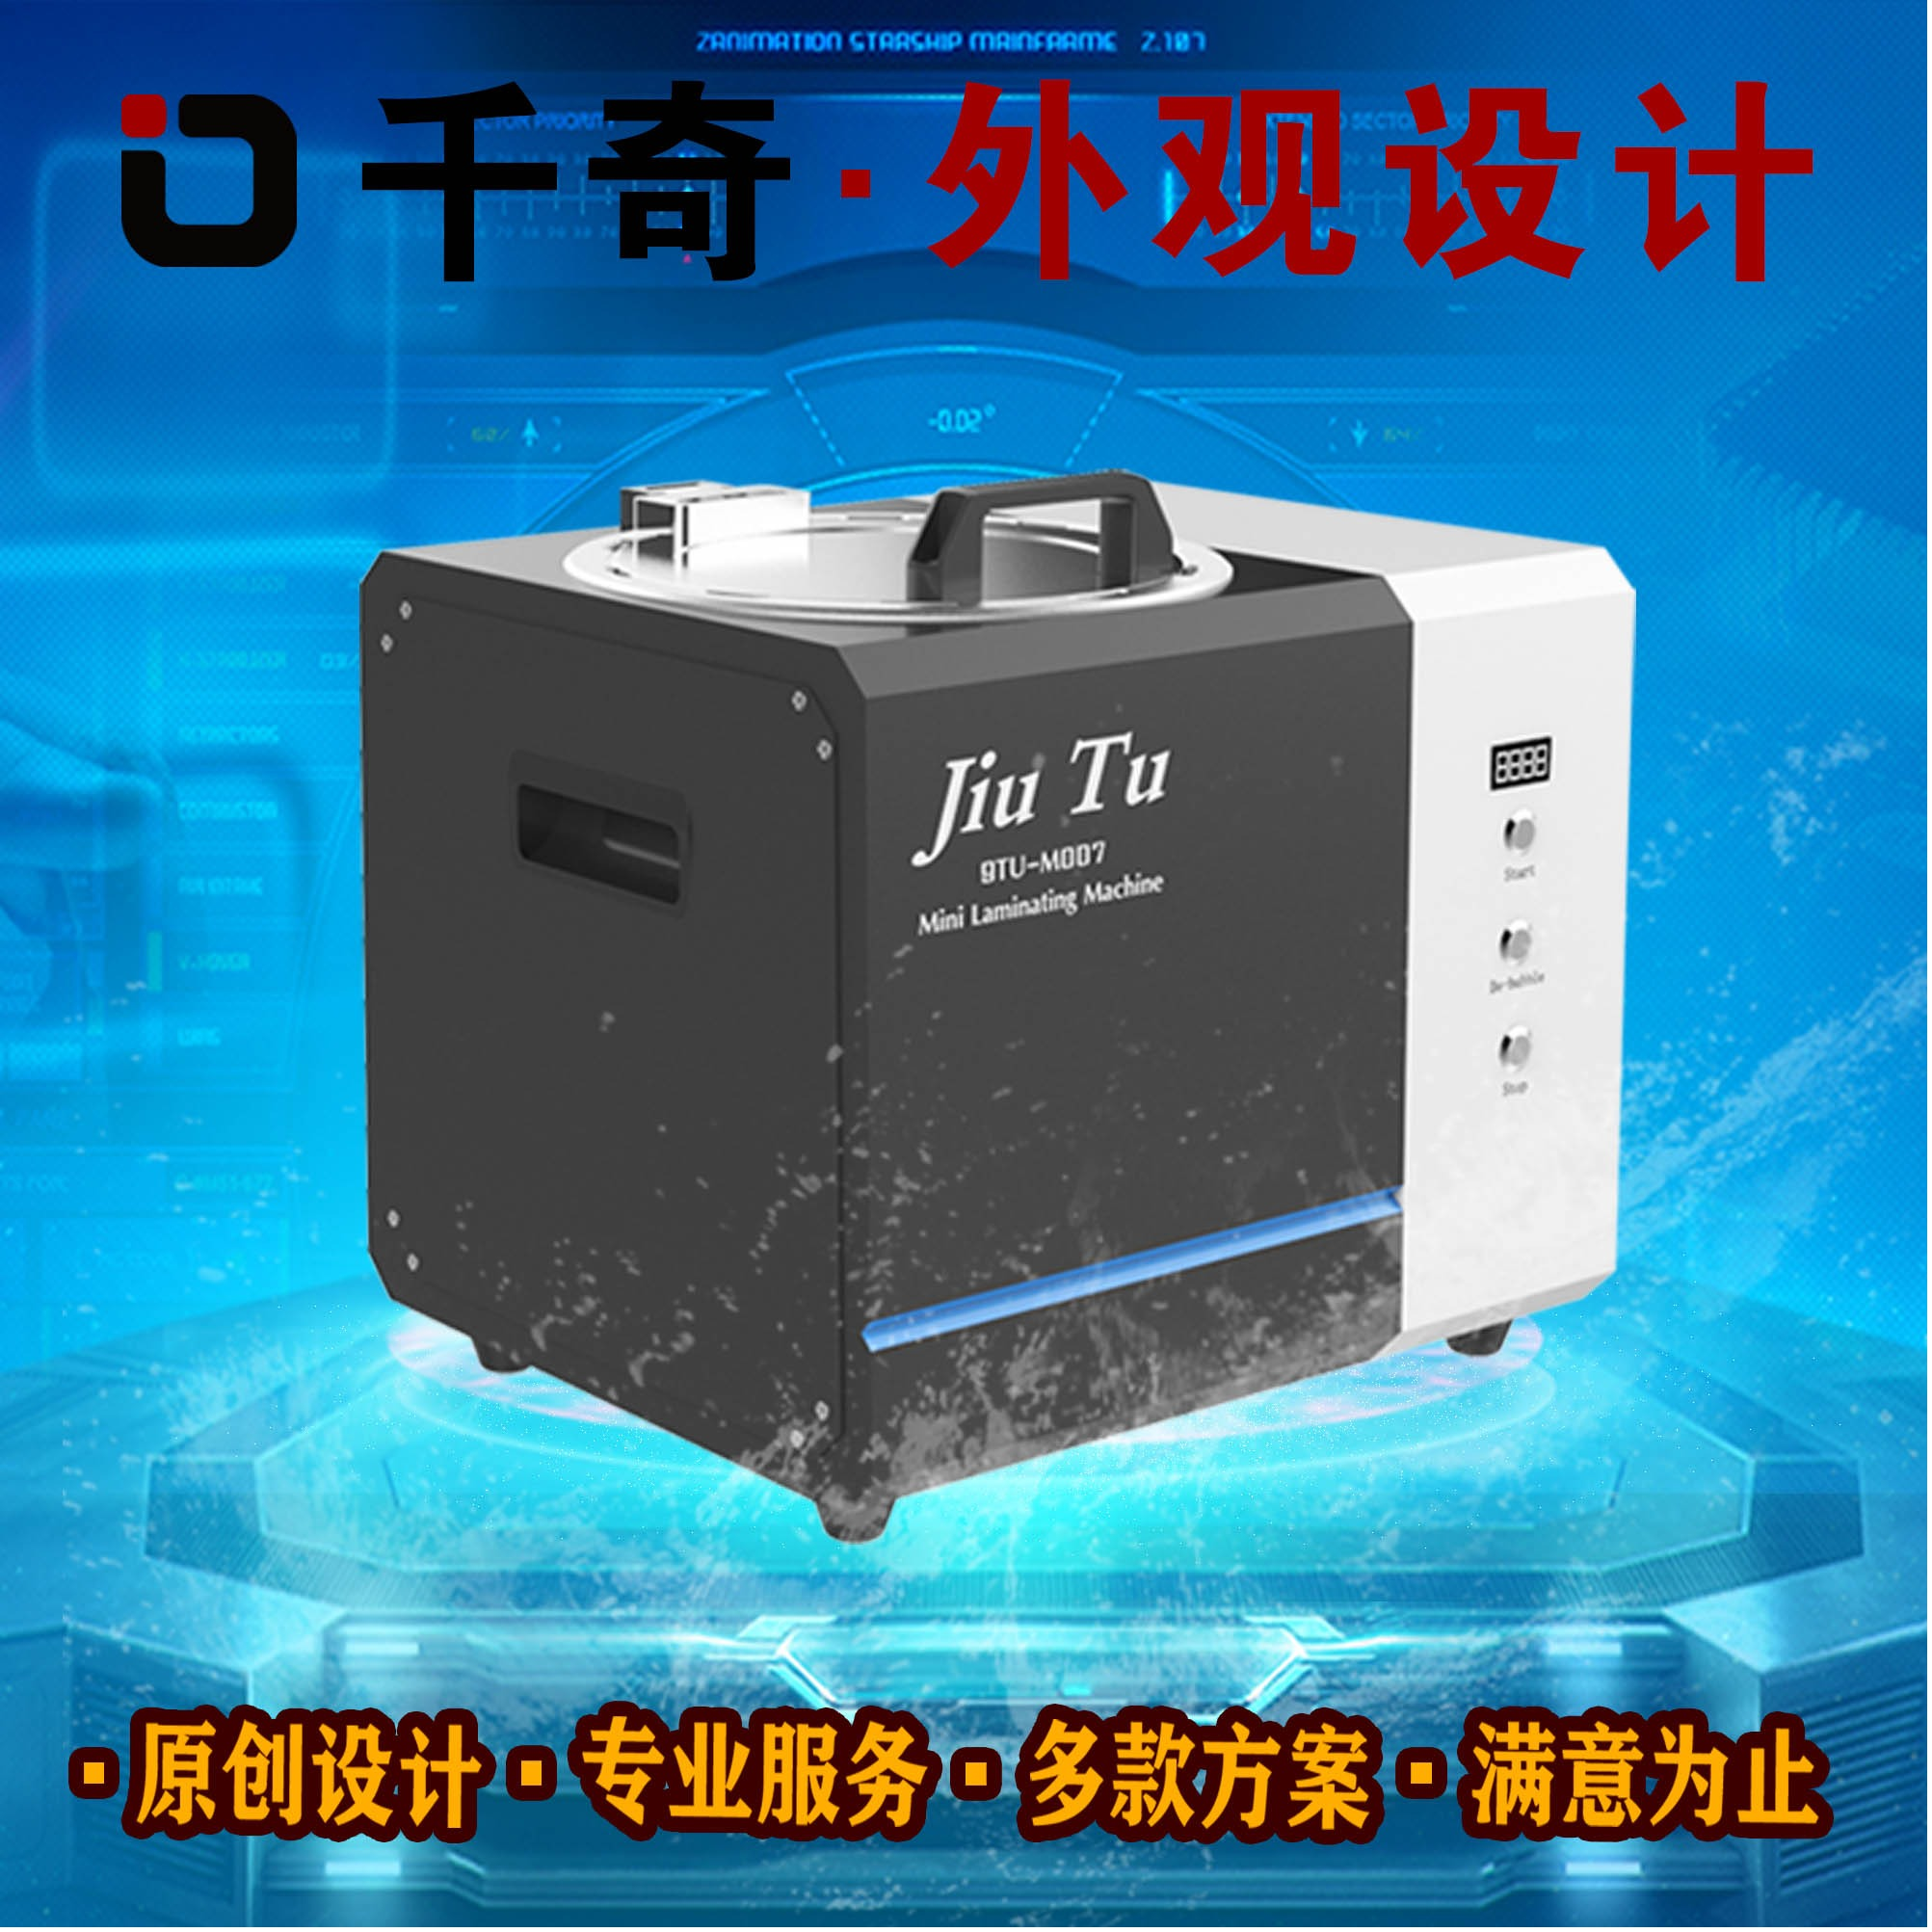 【外观设计】电子产品 结构设计 产品设计 工业设计